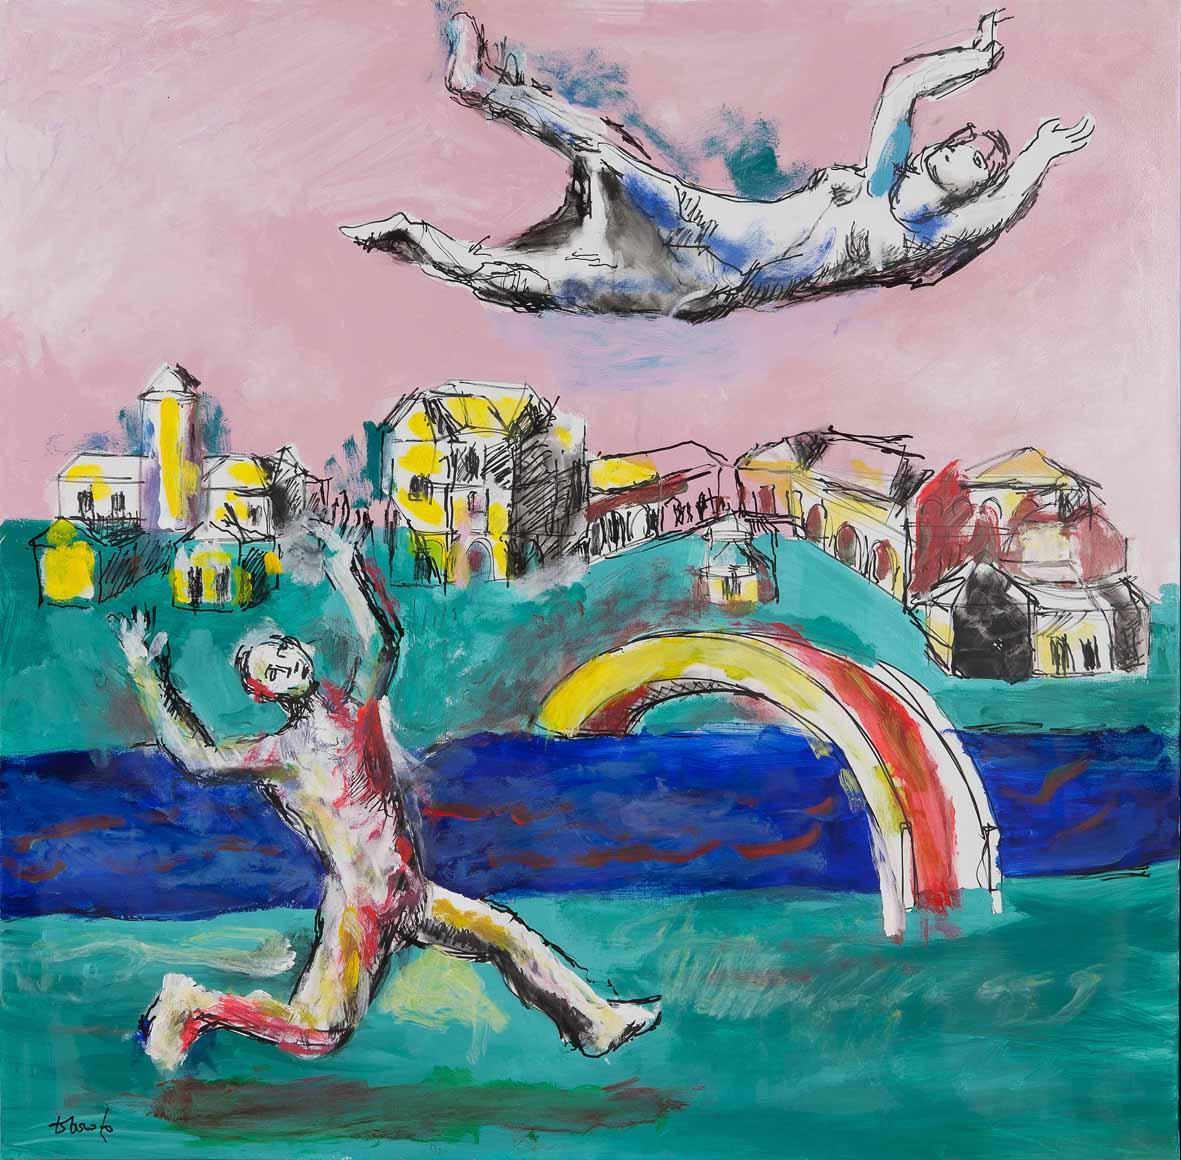 Dario Fo: Un colpo di vento e Bella raggiunge il cielo, 2015. Tecnica mista su tela, 100x100cm. Archivio Franca Rame e Dario Fo